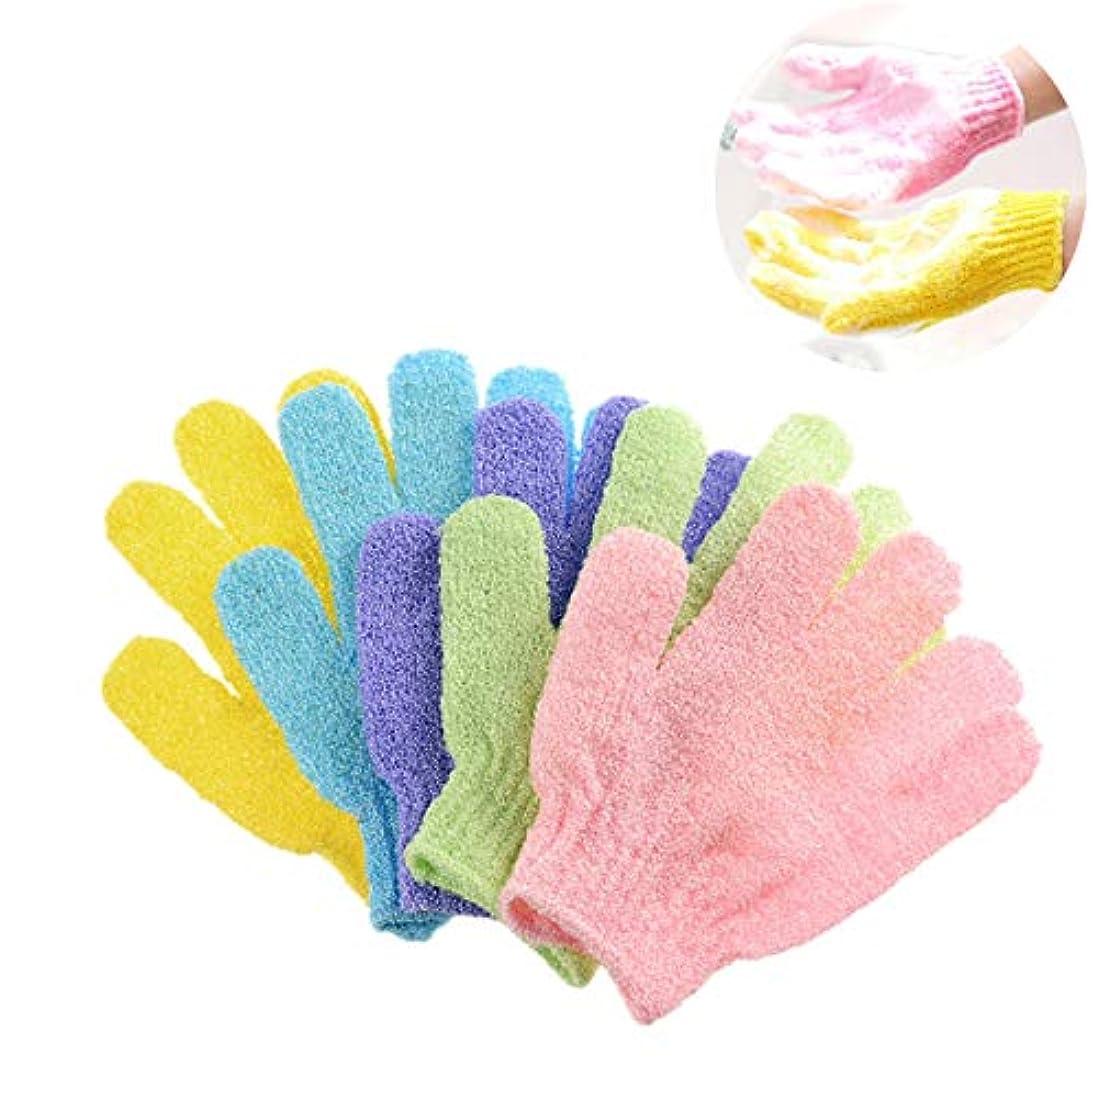 支店予想する履歴書Kingsie 浴用手袋 10枚セット(5ペア) ボディウォッシュ手袋 お風呂手袋 角質除去 角質取り 泡立ち 垢すり グローブ